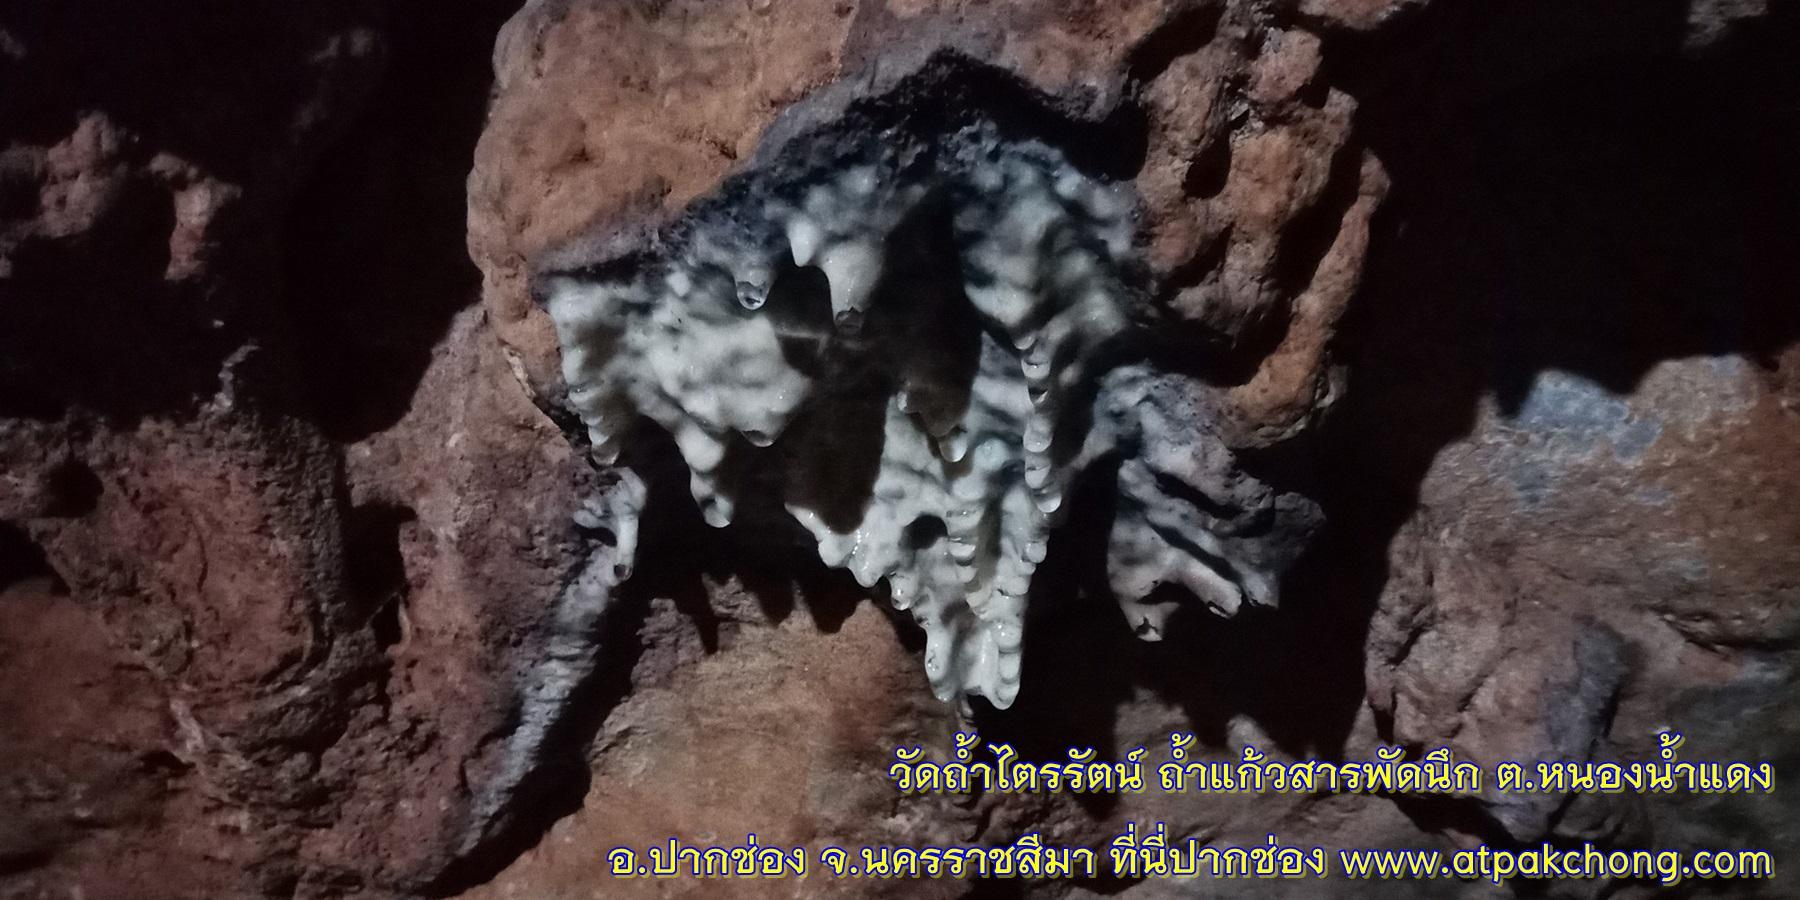 หินย้อยภายในถ้ำ